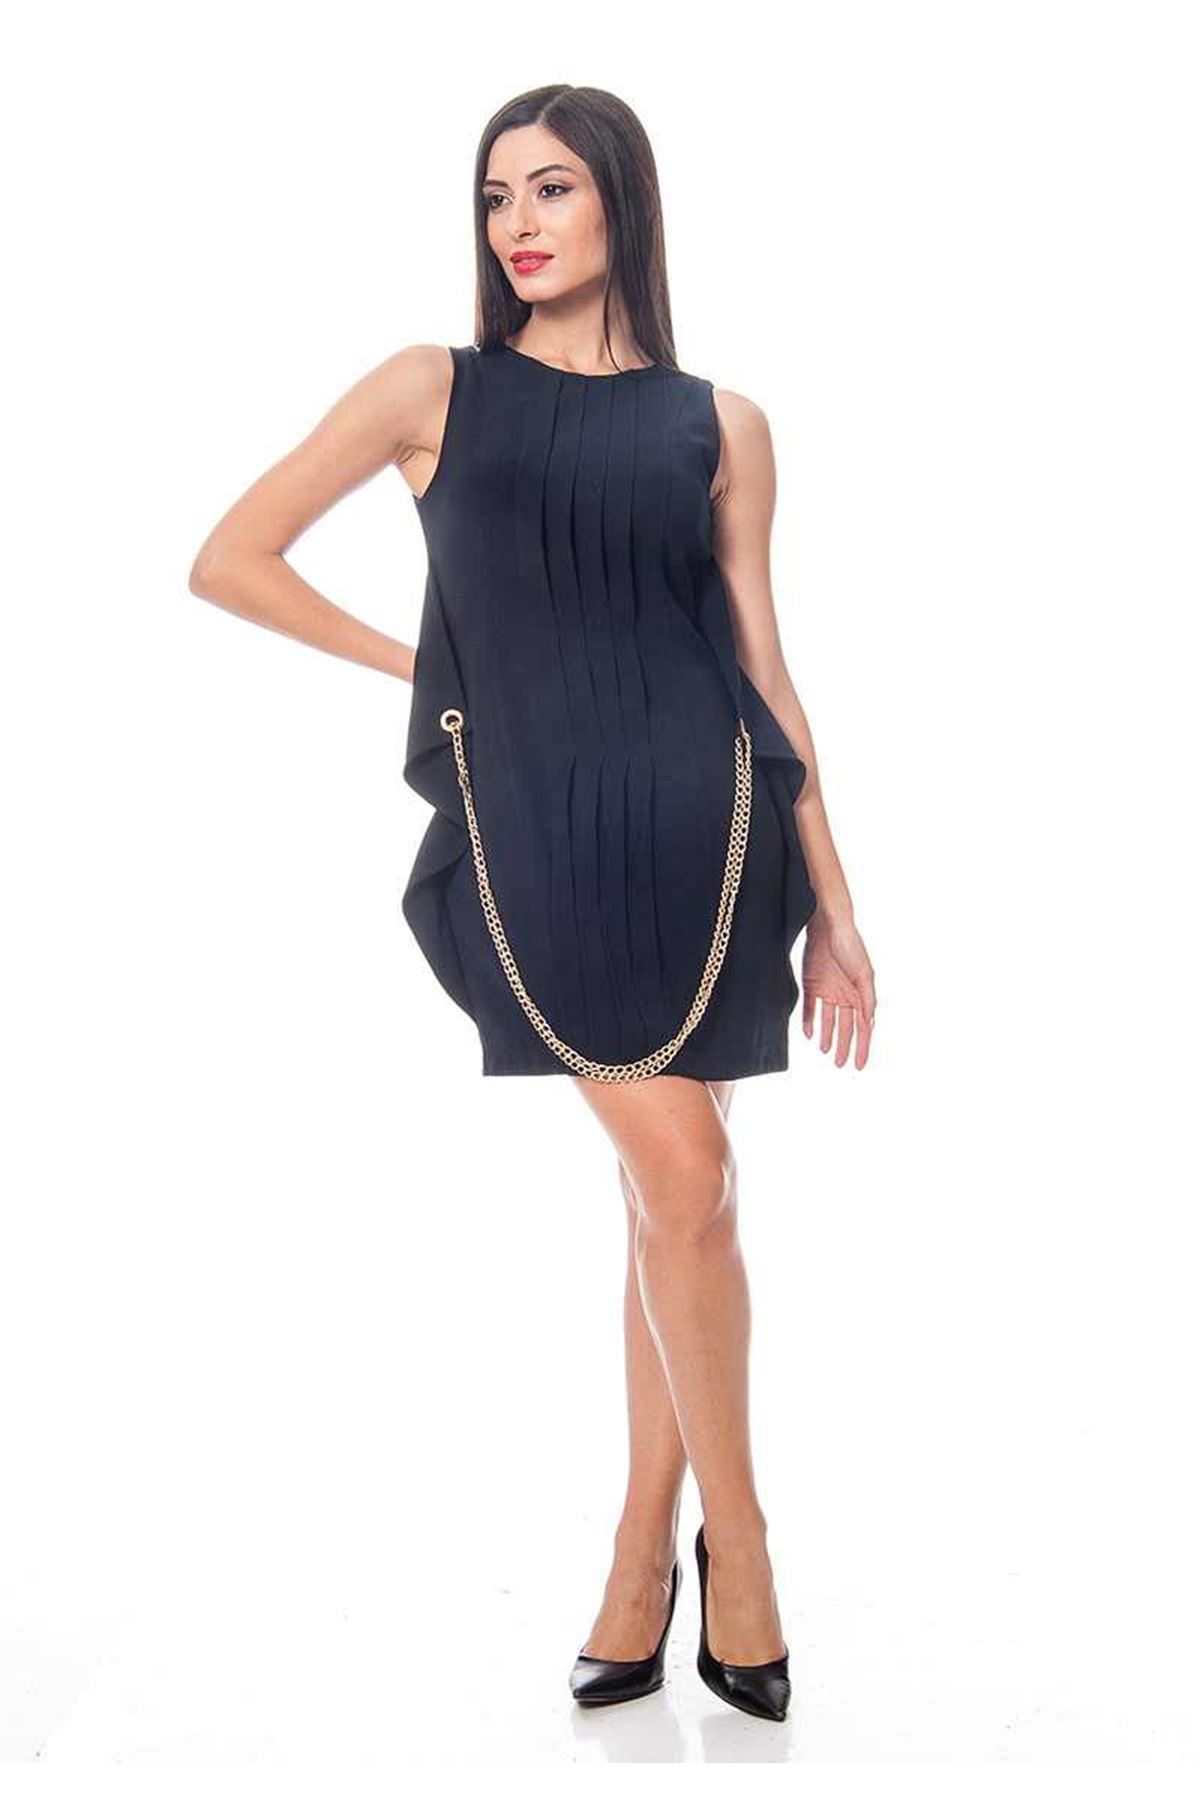 Lacivert Zincir Detaylı Kadın Elbise J5-118403